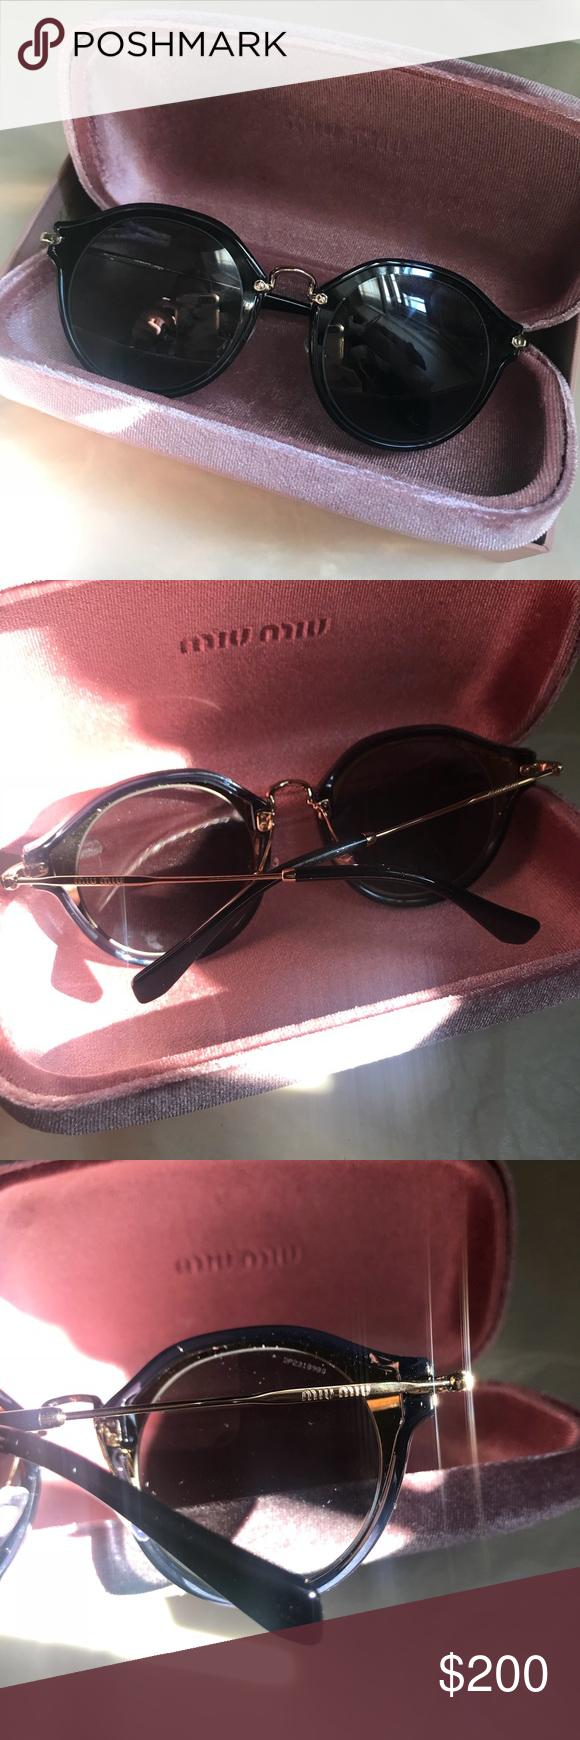 2e984af01fcb9 Miu Miu Women s Sunglasses MU51SS 49mm Worn twice